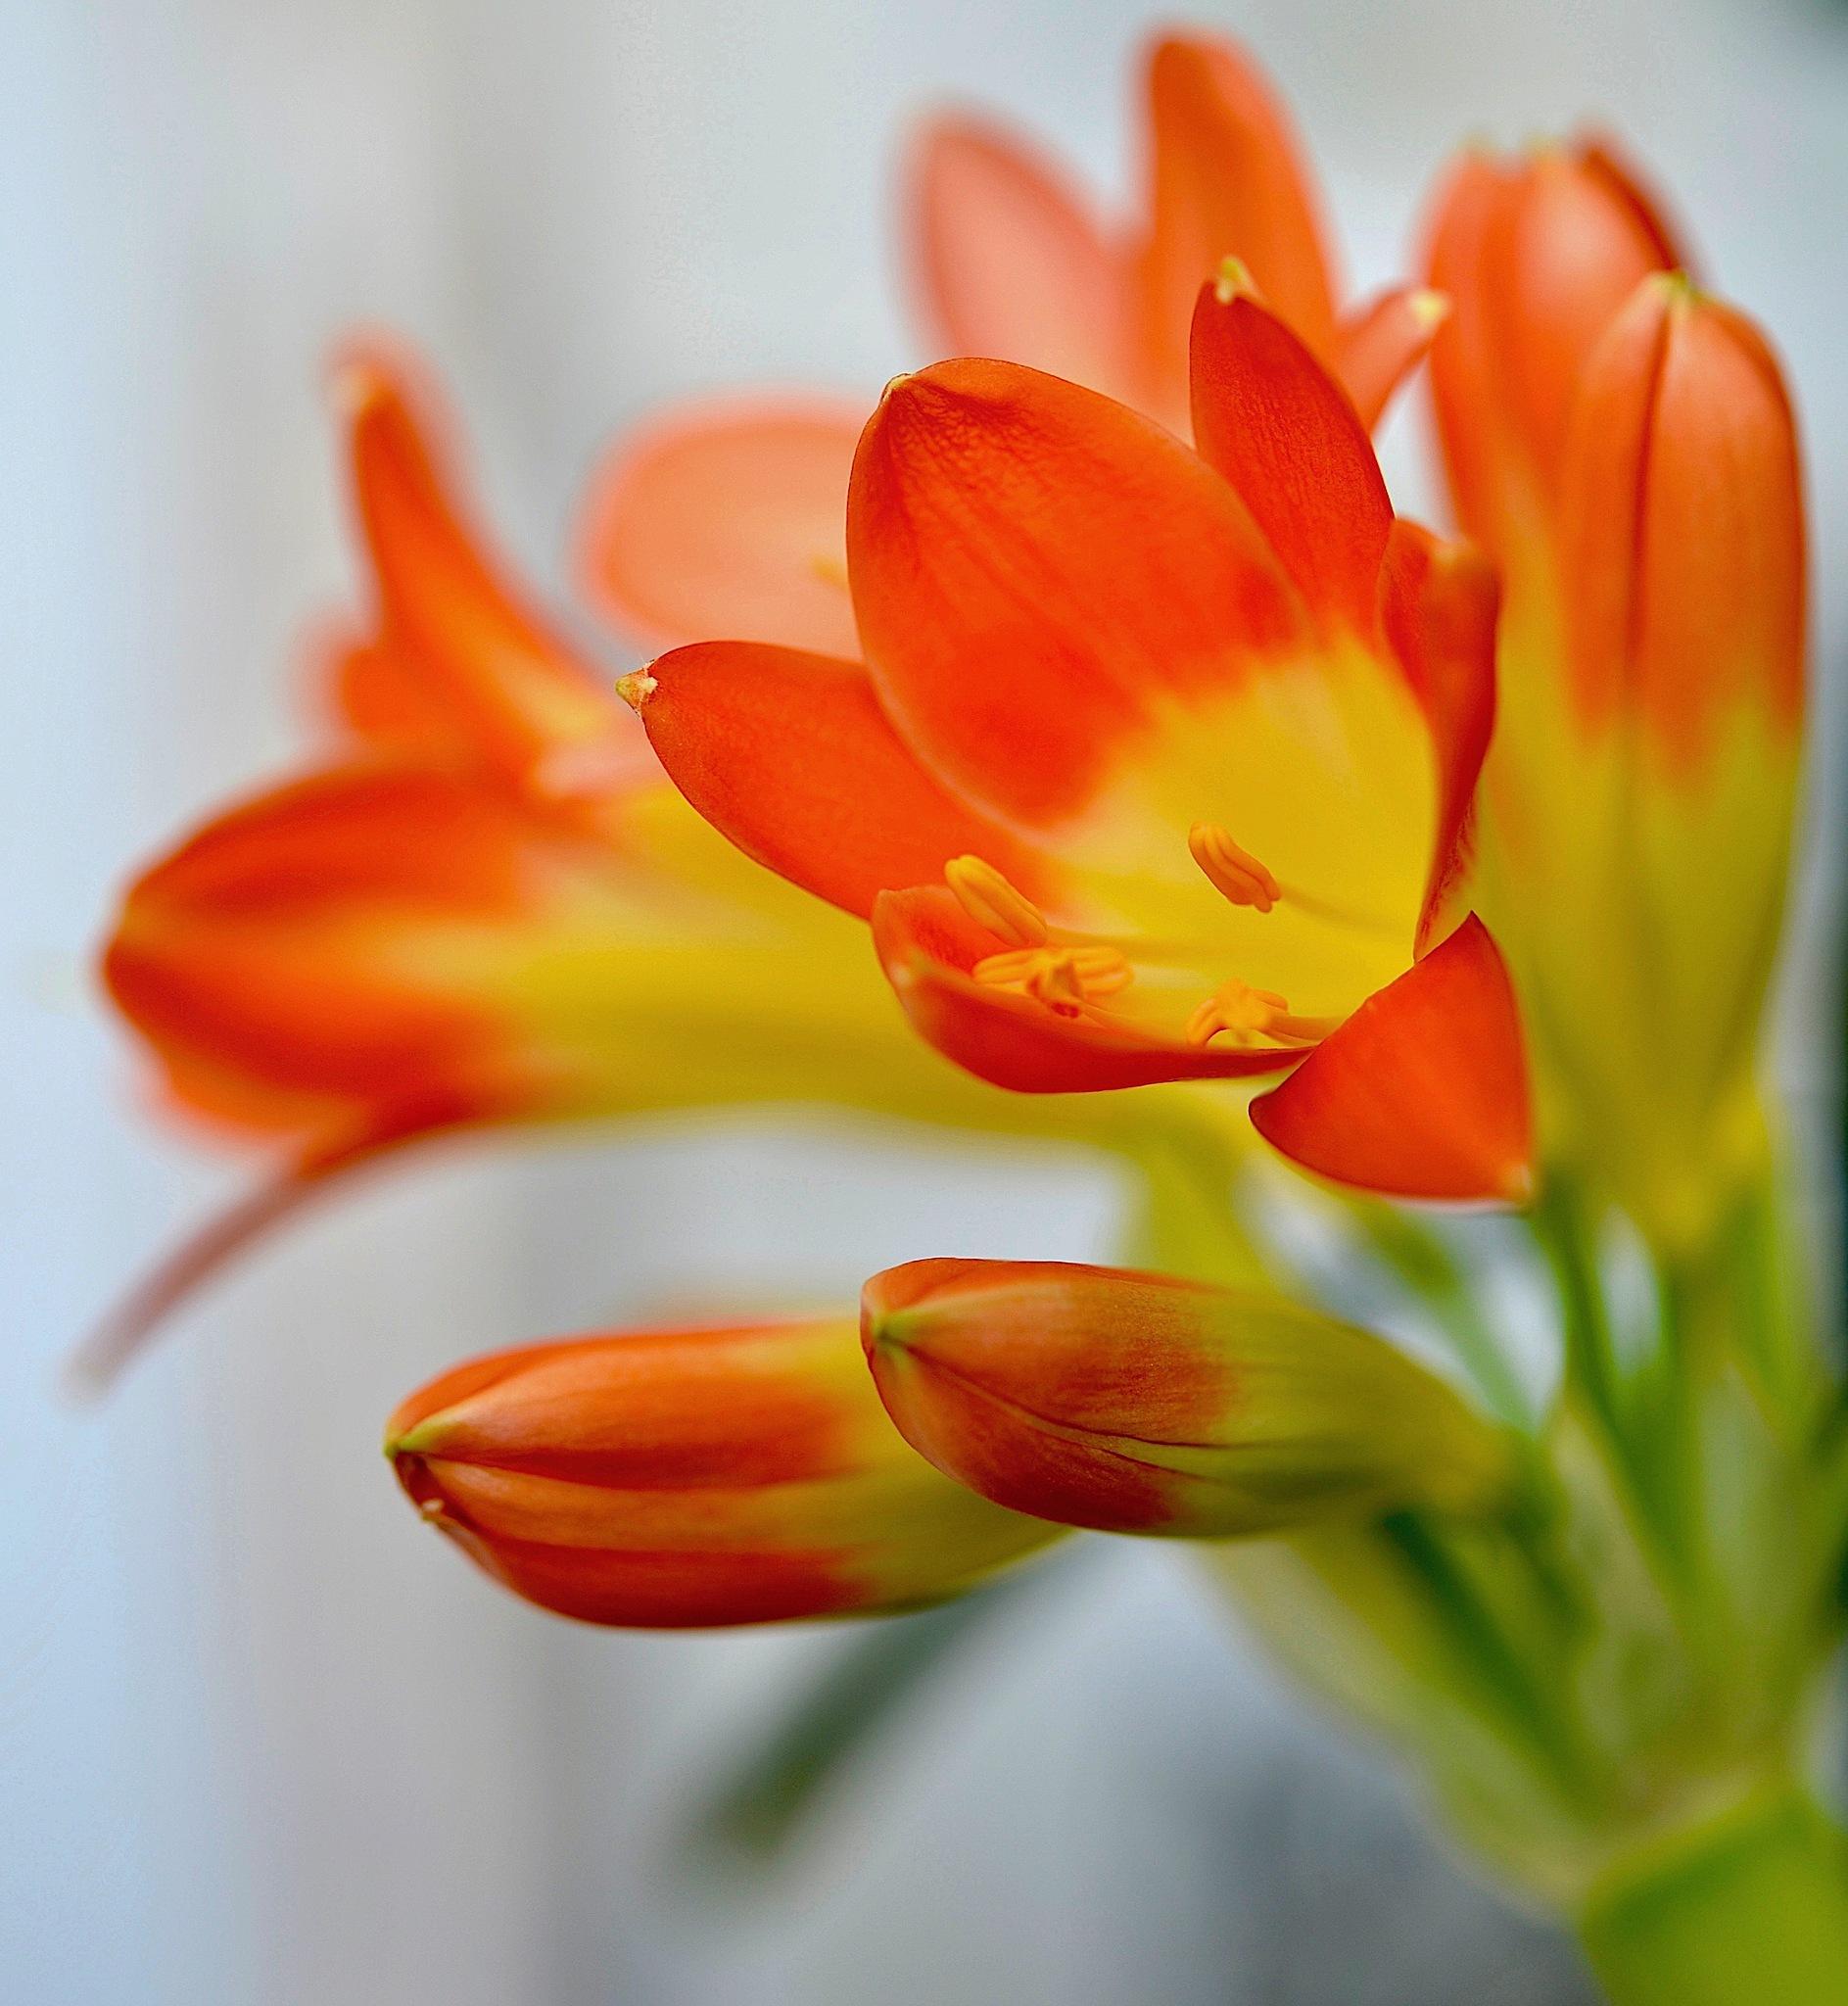 Flower by moeng